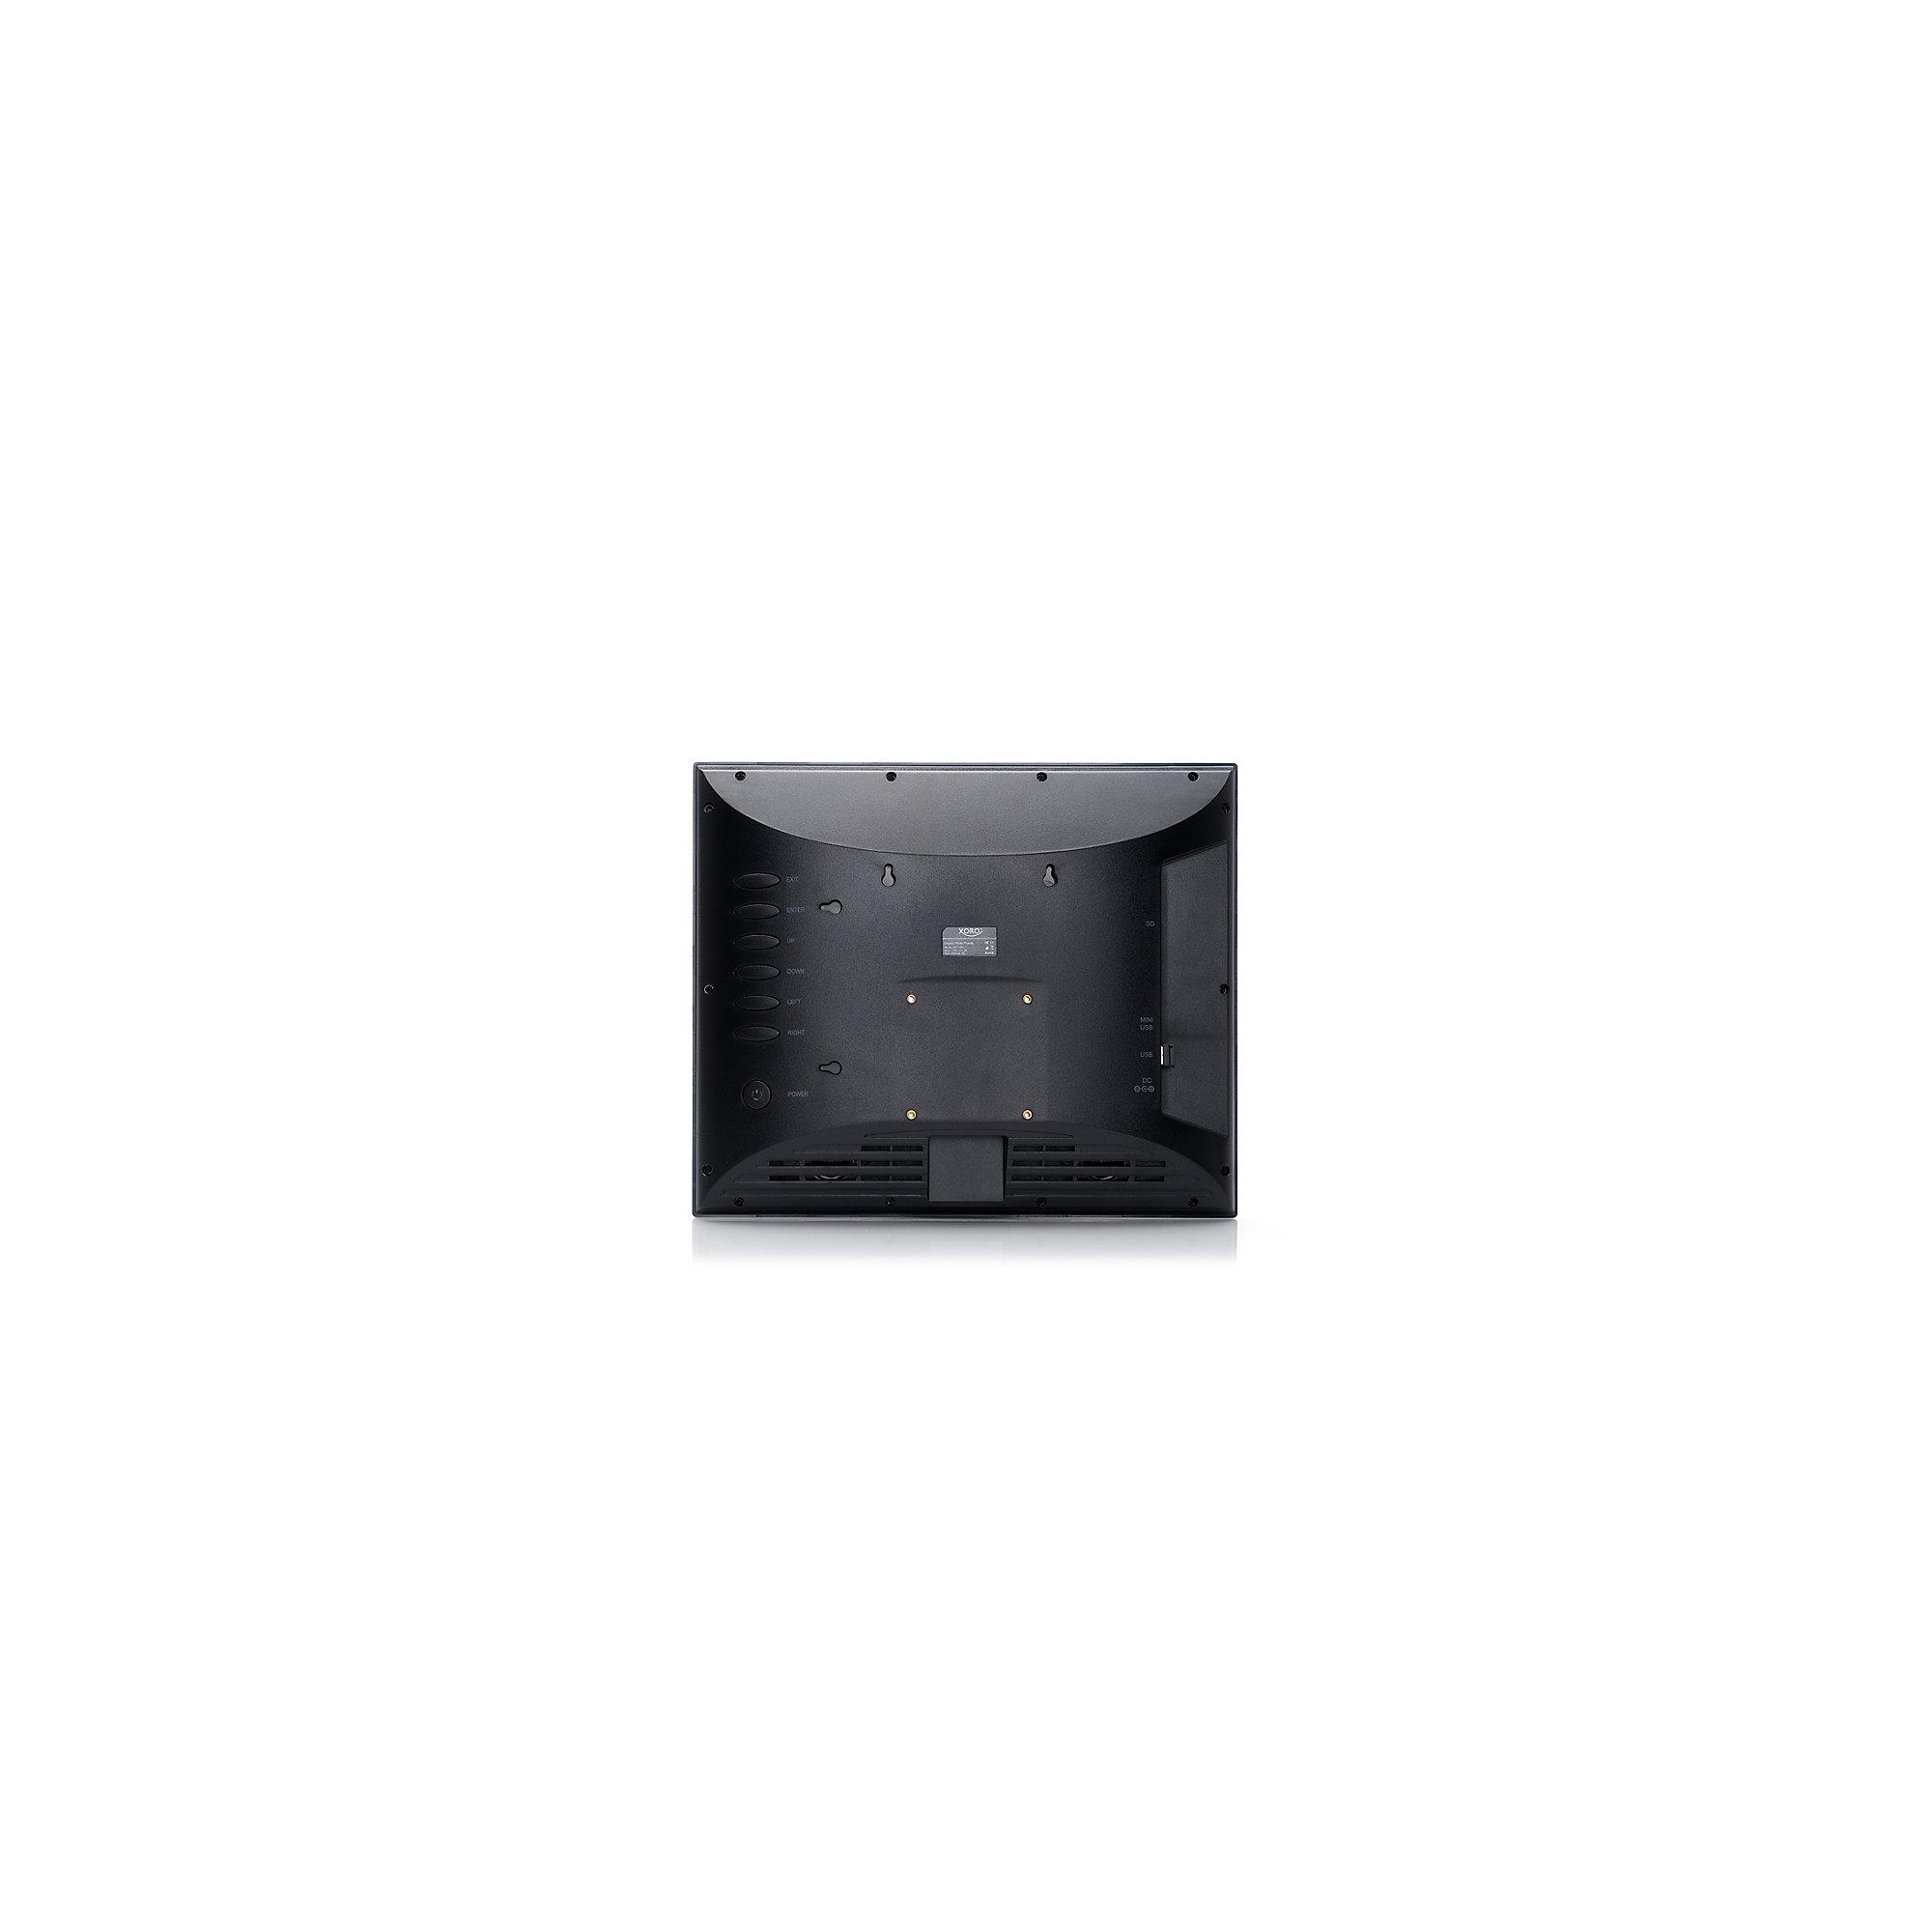 """Xoro DPF 15B1 Digitaler Bilderrahmen 38,1cm (15"""") 1024x768 ..."""